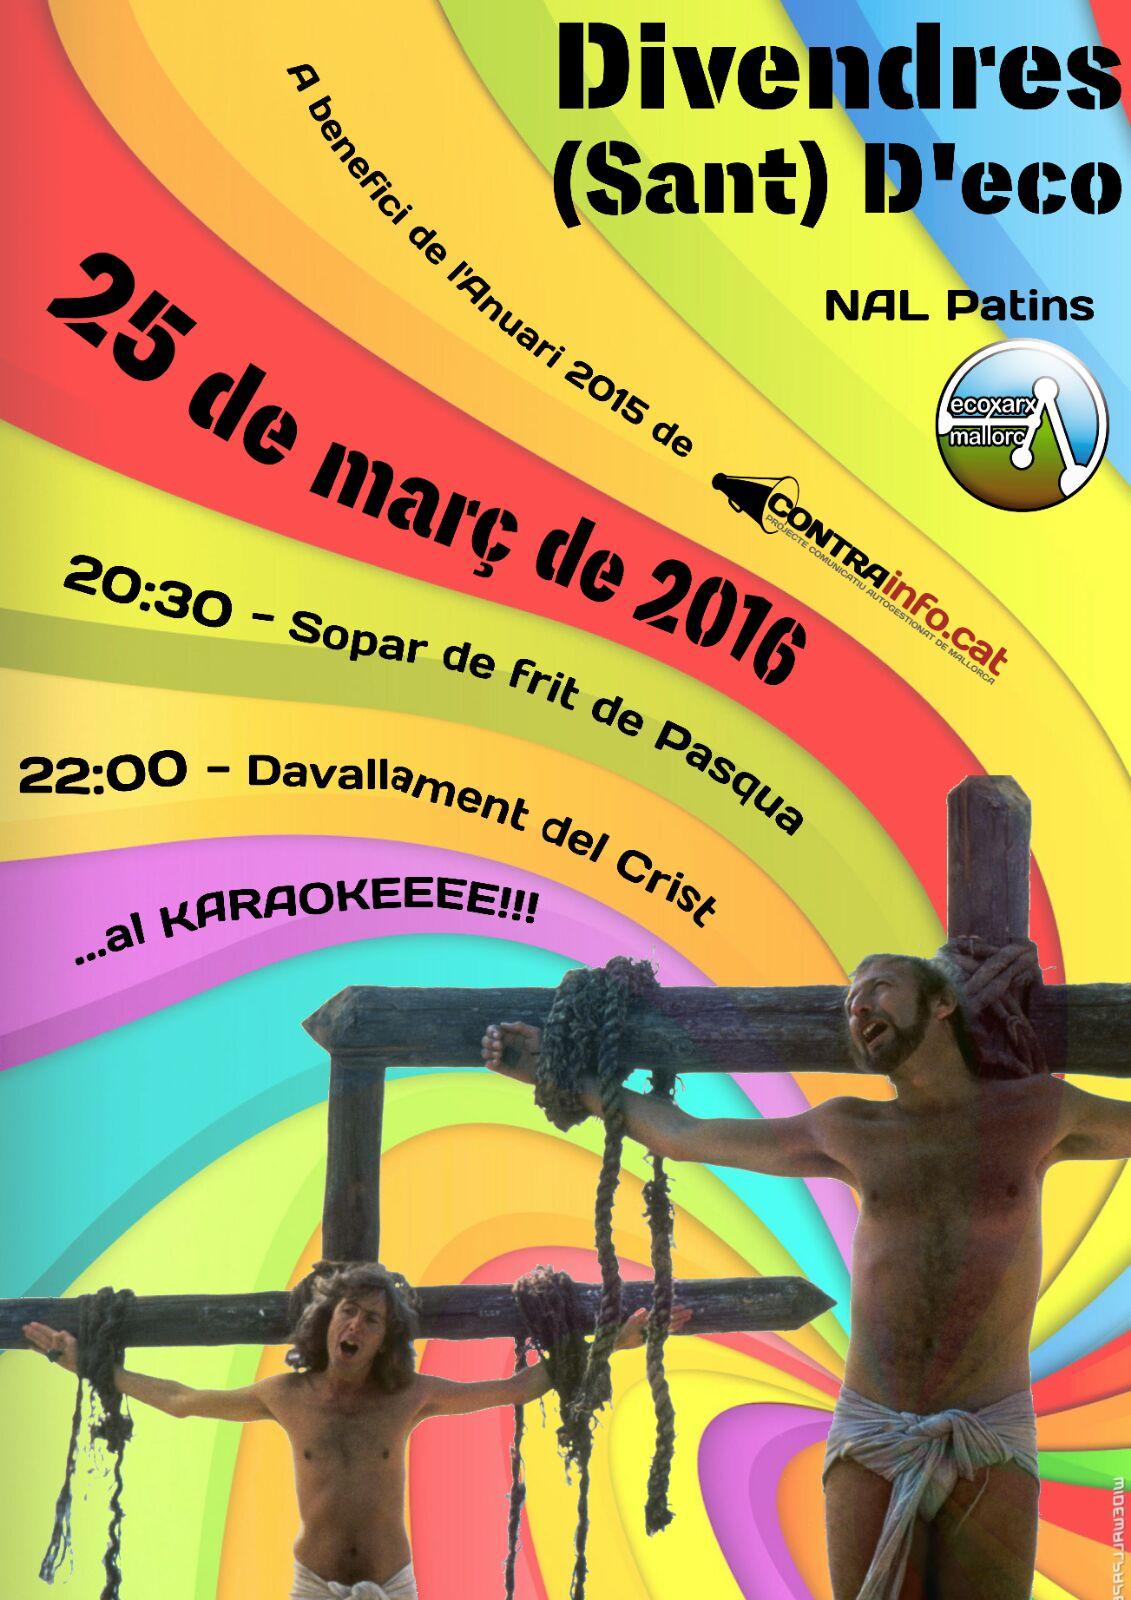 Divendres (Sant) d'Eco (25-03-16)